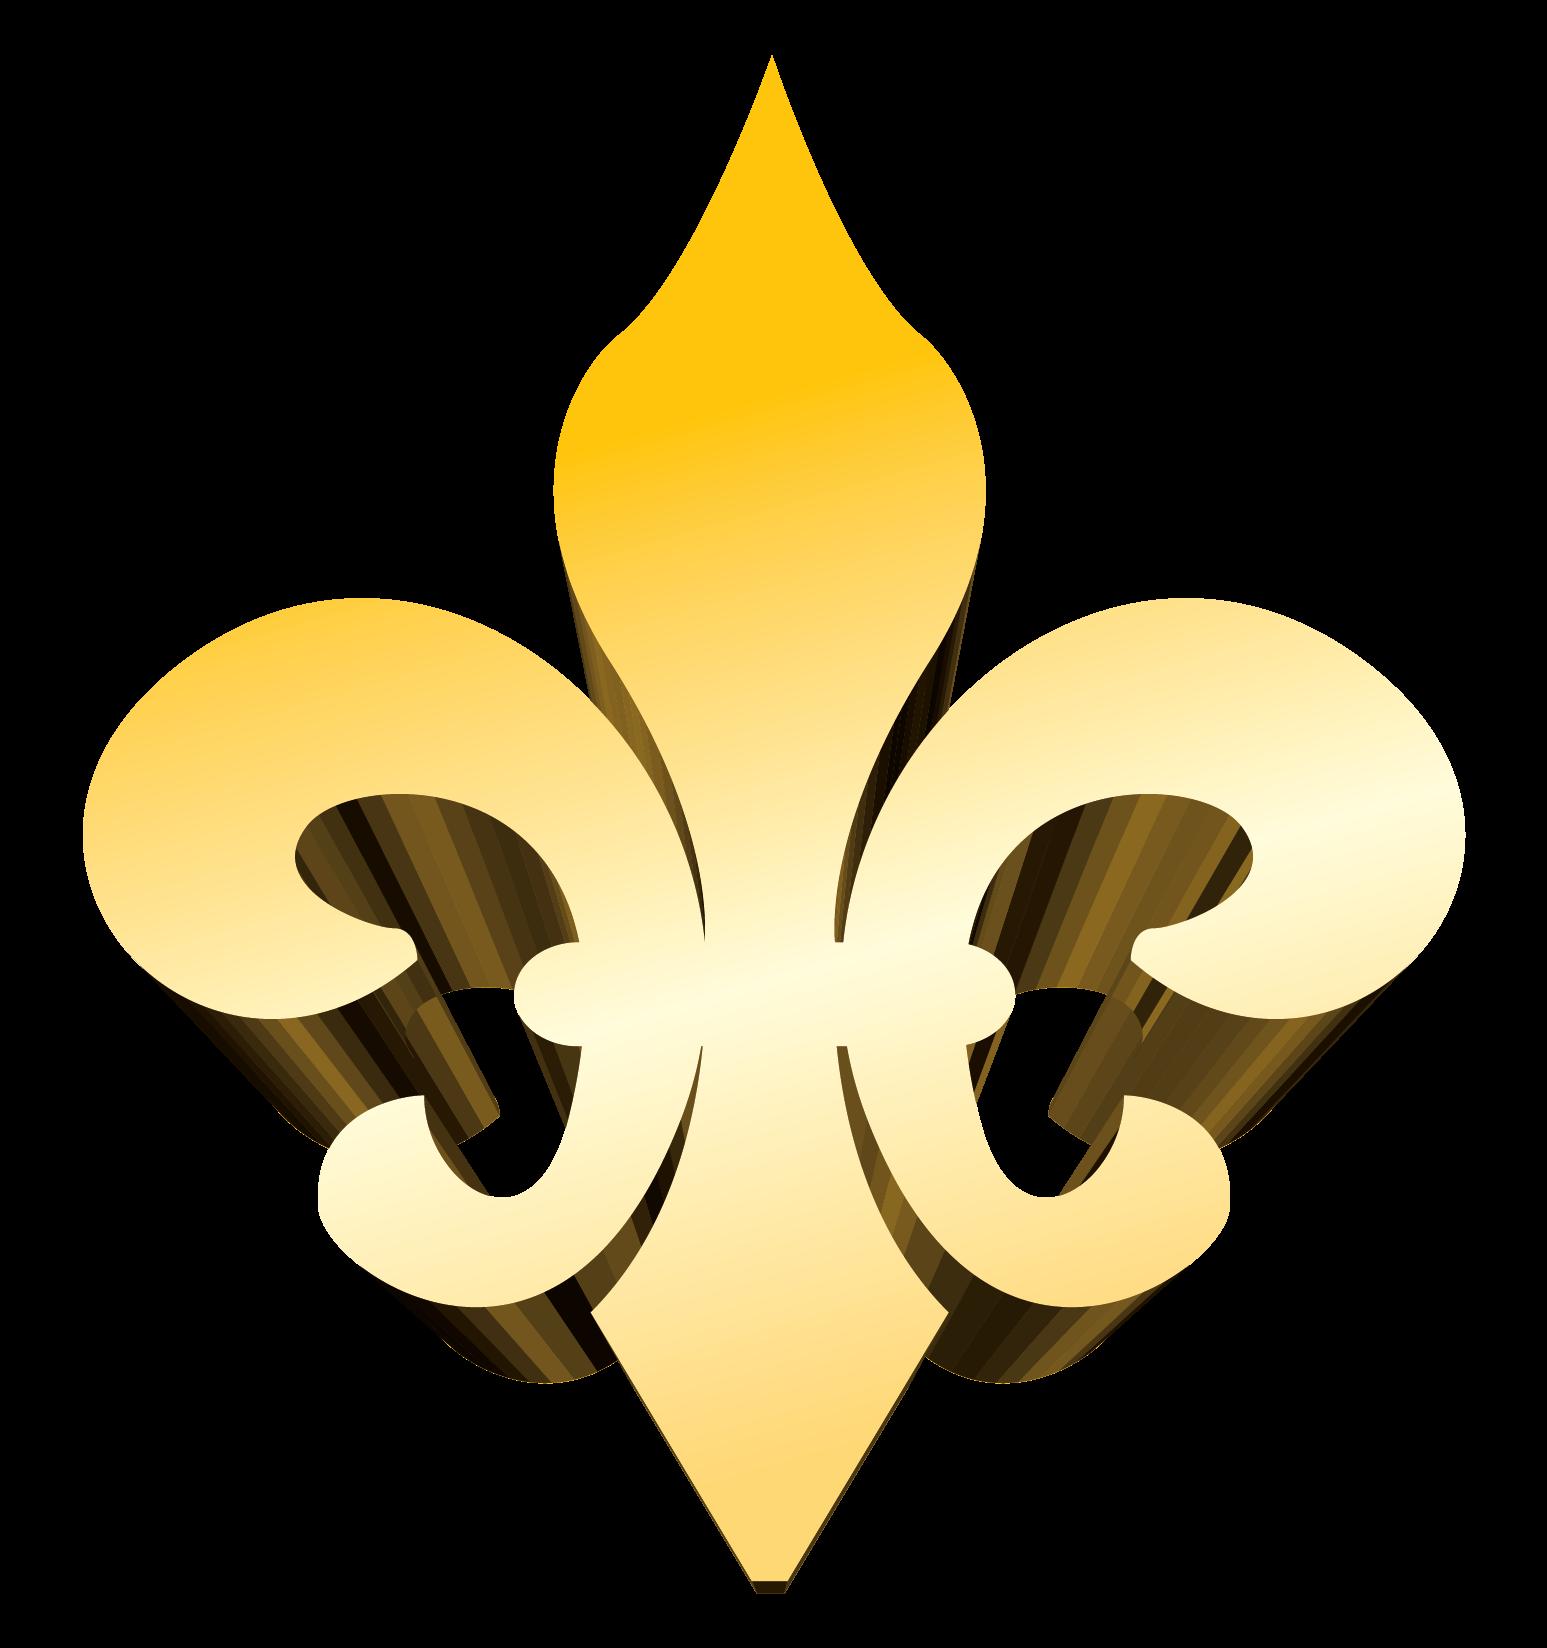 3-D Gold Fleur de Lis Vector Clip Art